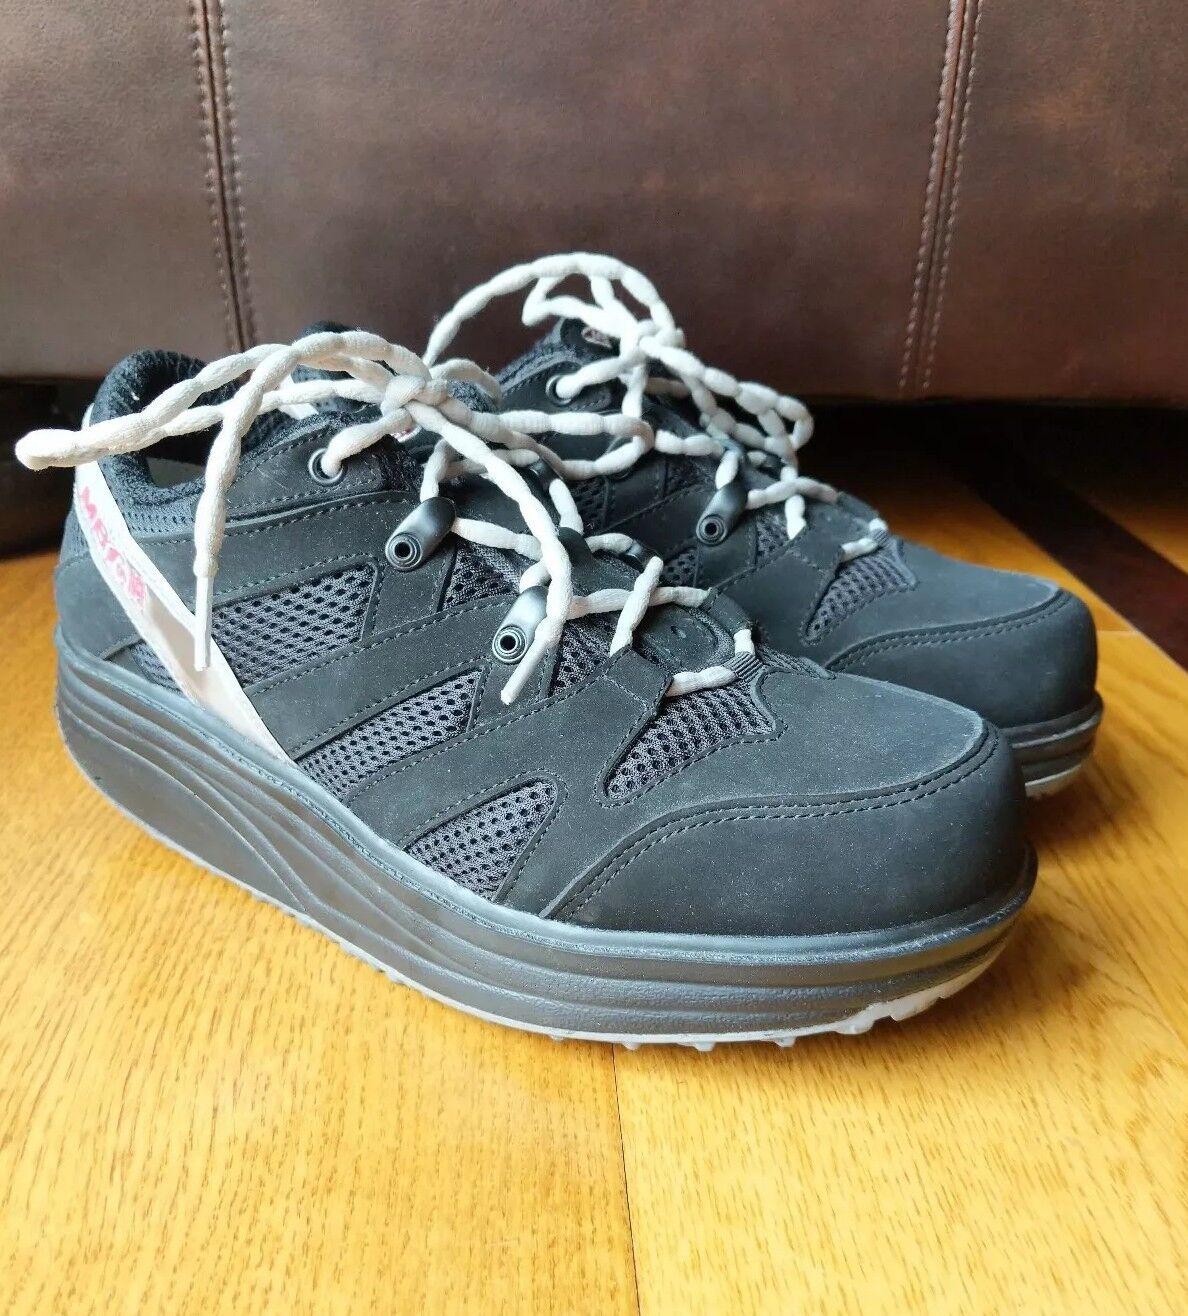 MBT Sport M Walk BLACK SUEDE Walking Toning shoes Sneaker Unisex M 6.5 W 8.5